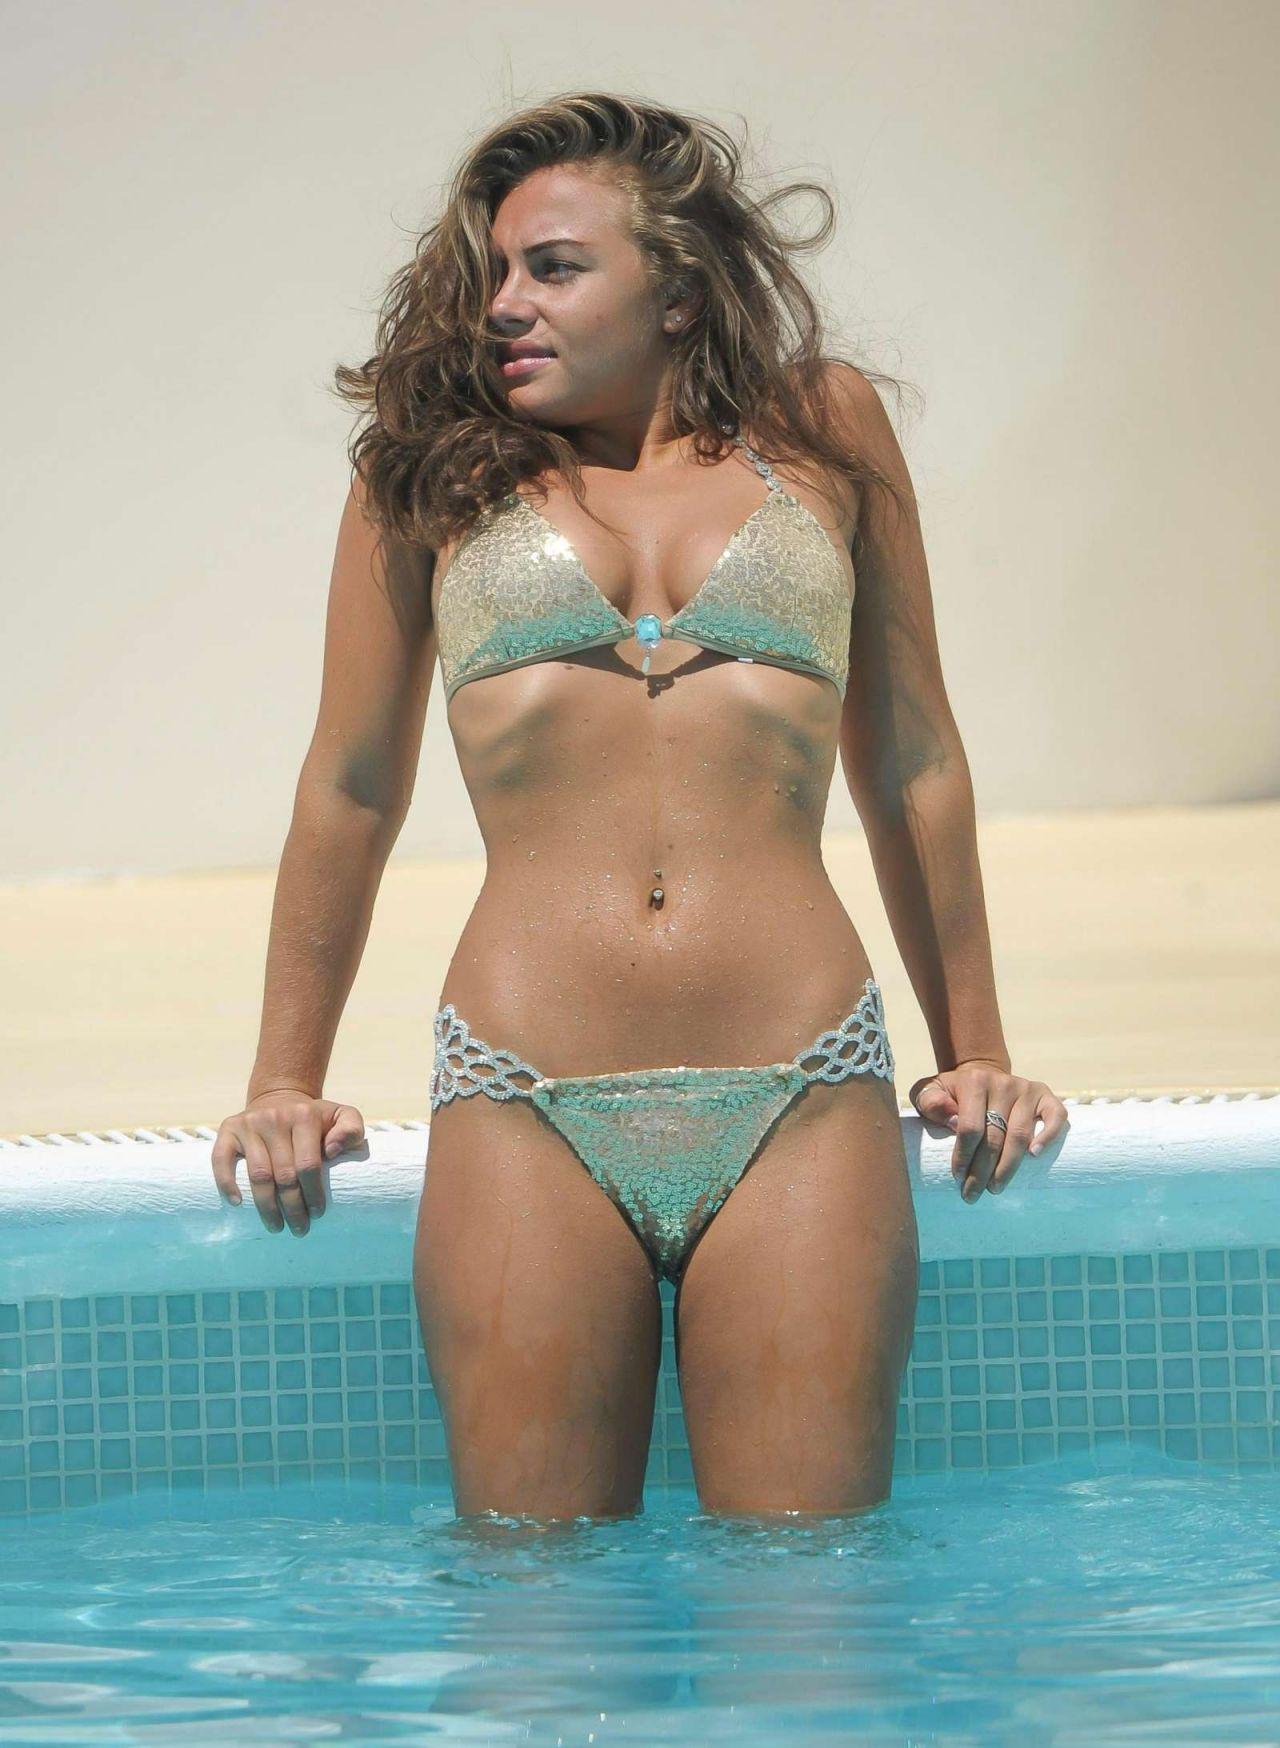 naked (48 photo), Bikini Celebrity image